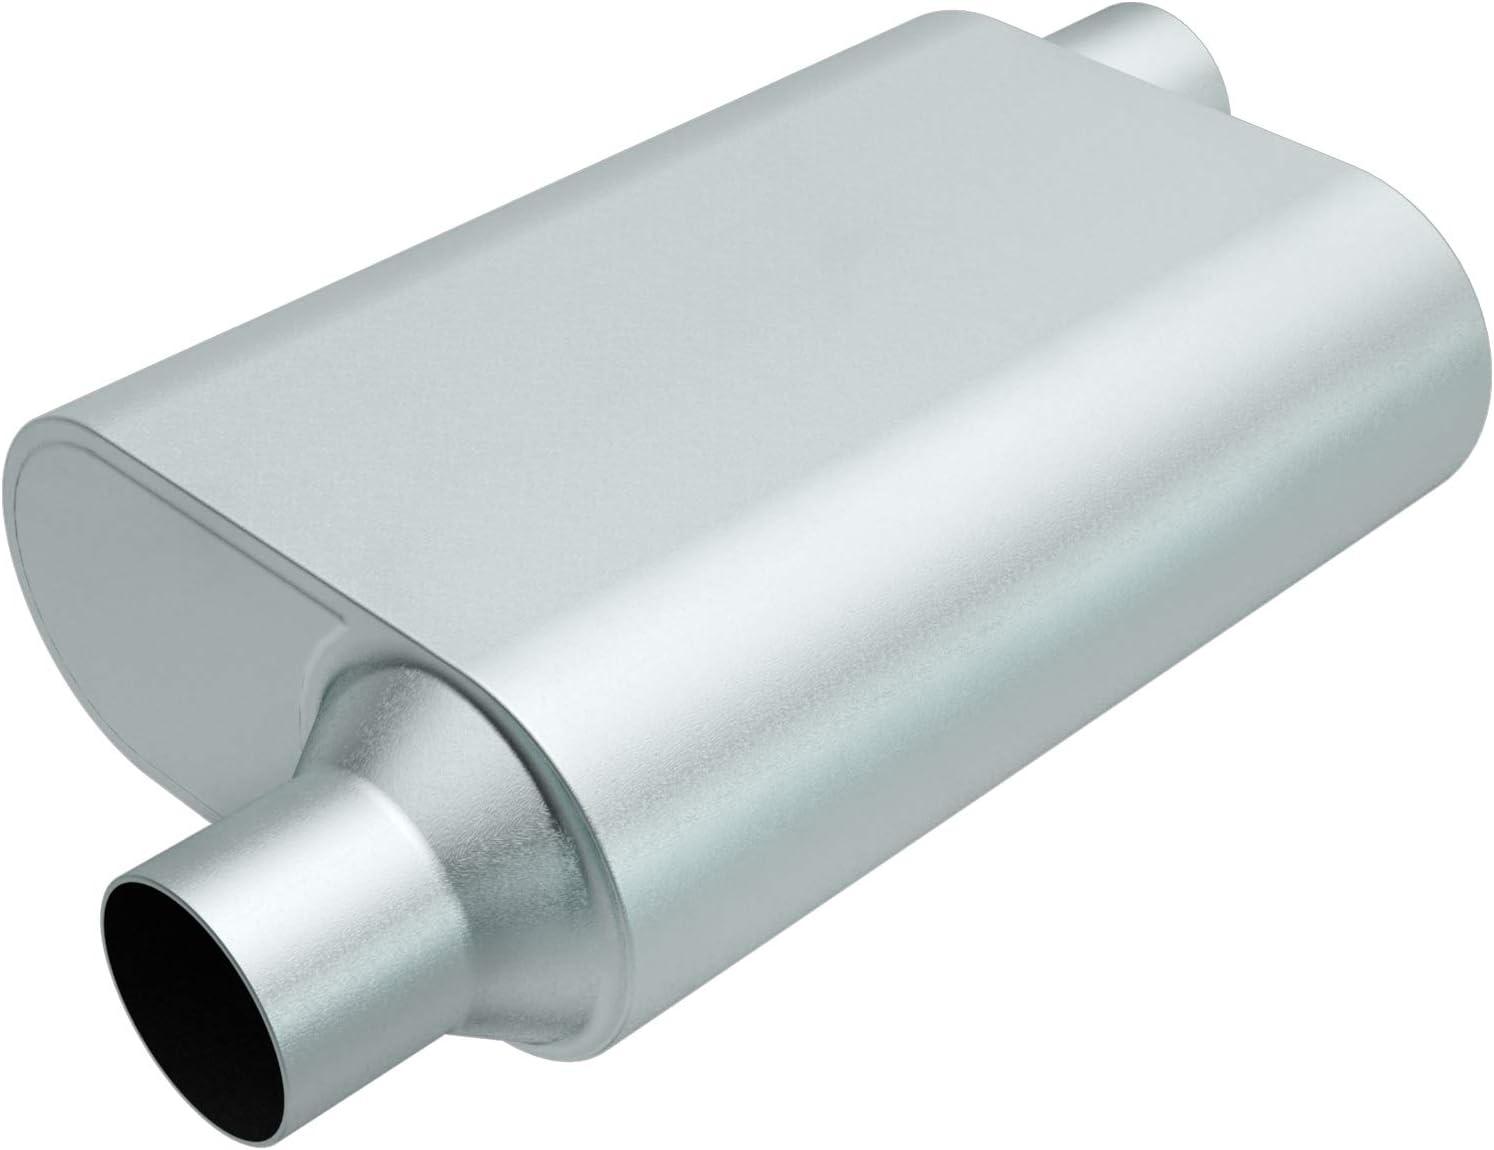 Rumble Exhaust R22443 Exhaust Muffler (13X4.25X9.5 2.25/2.25 O/O